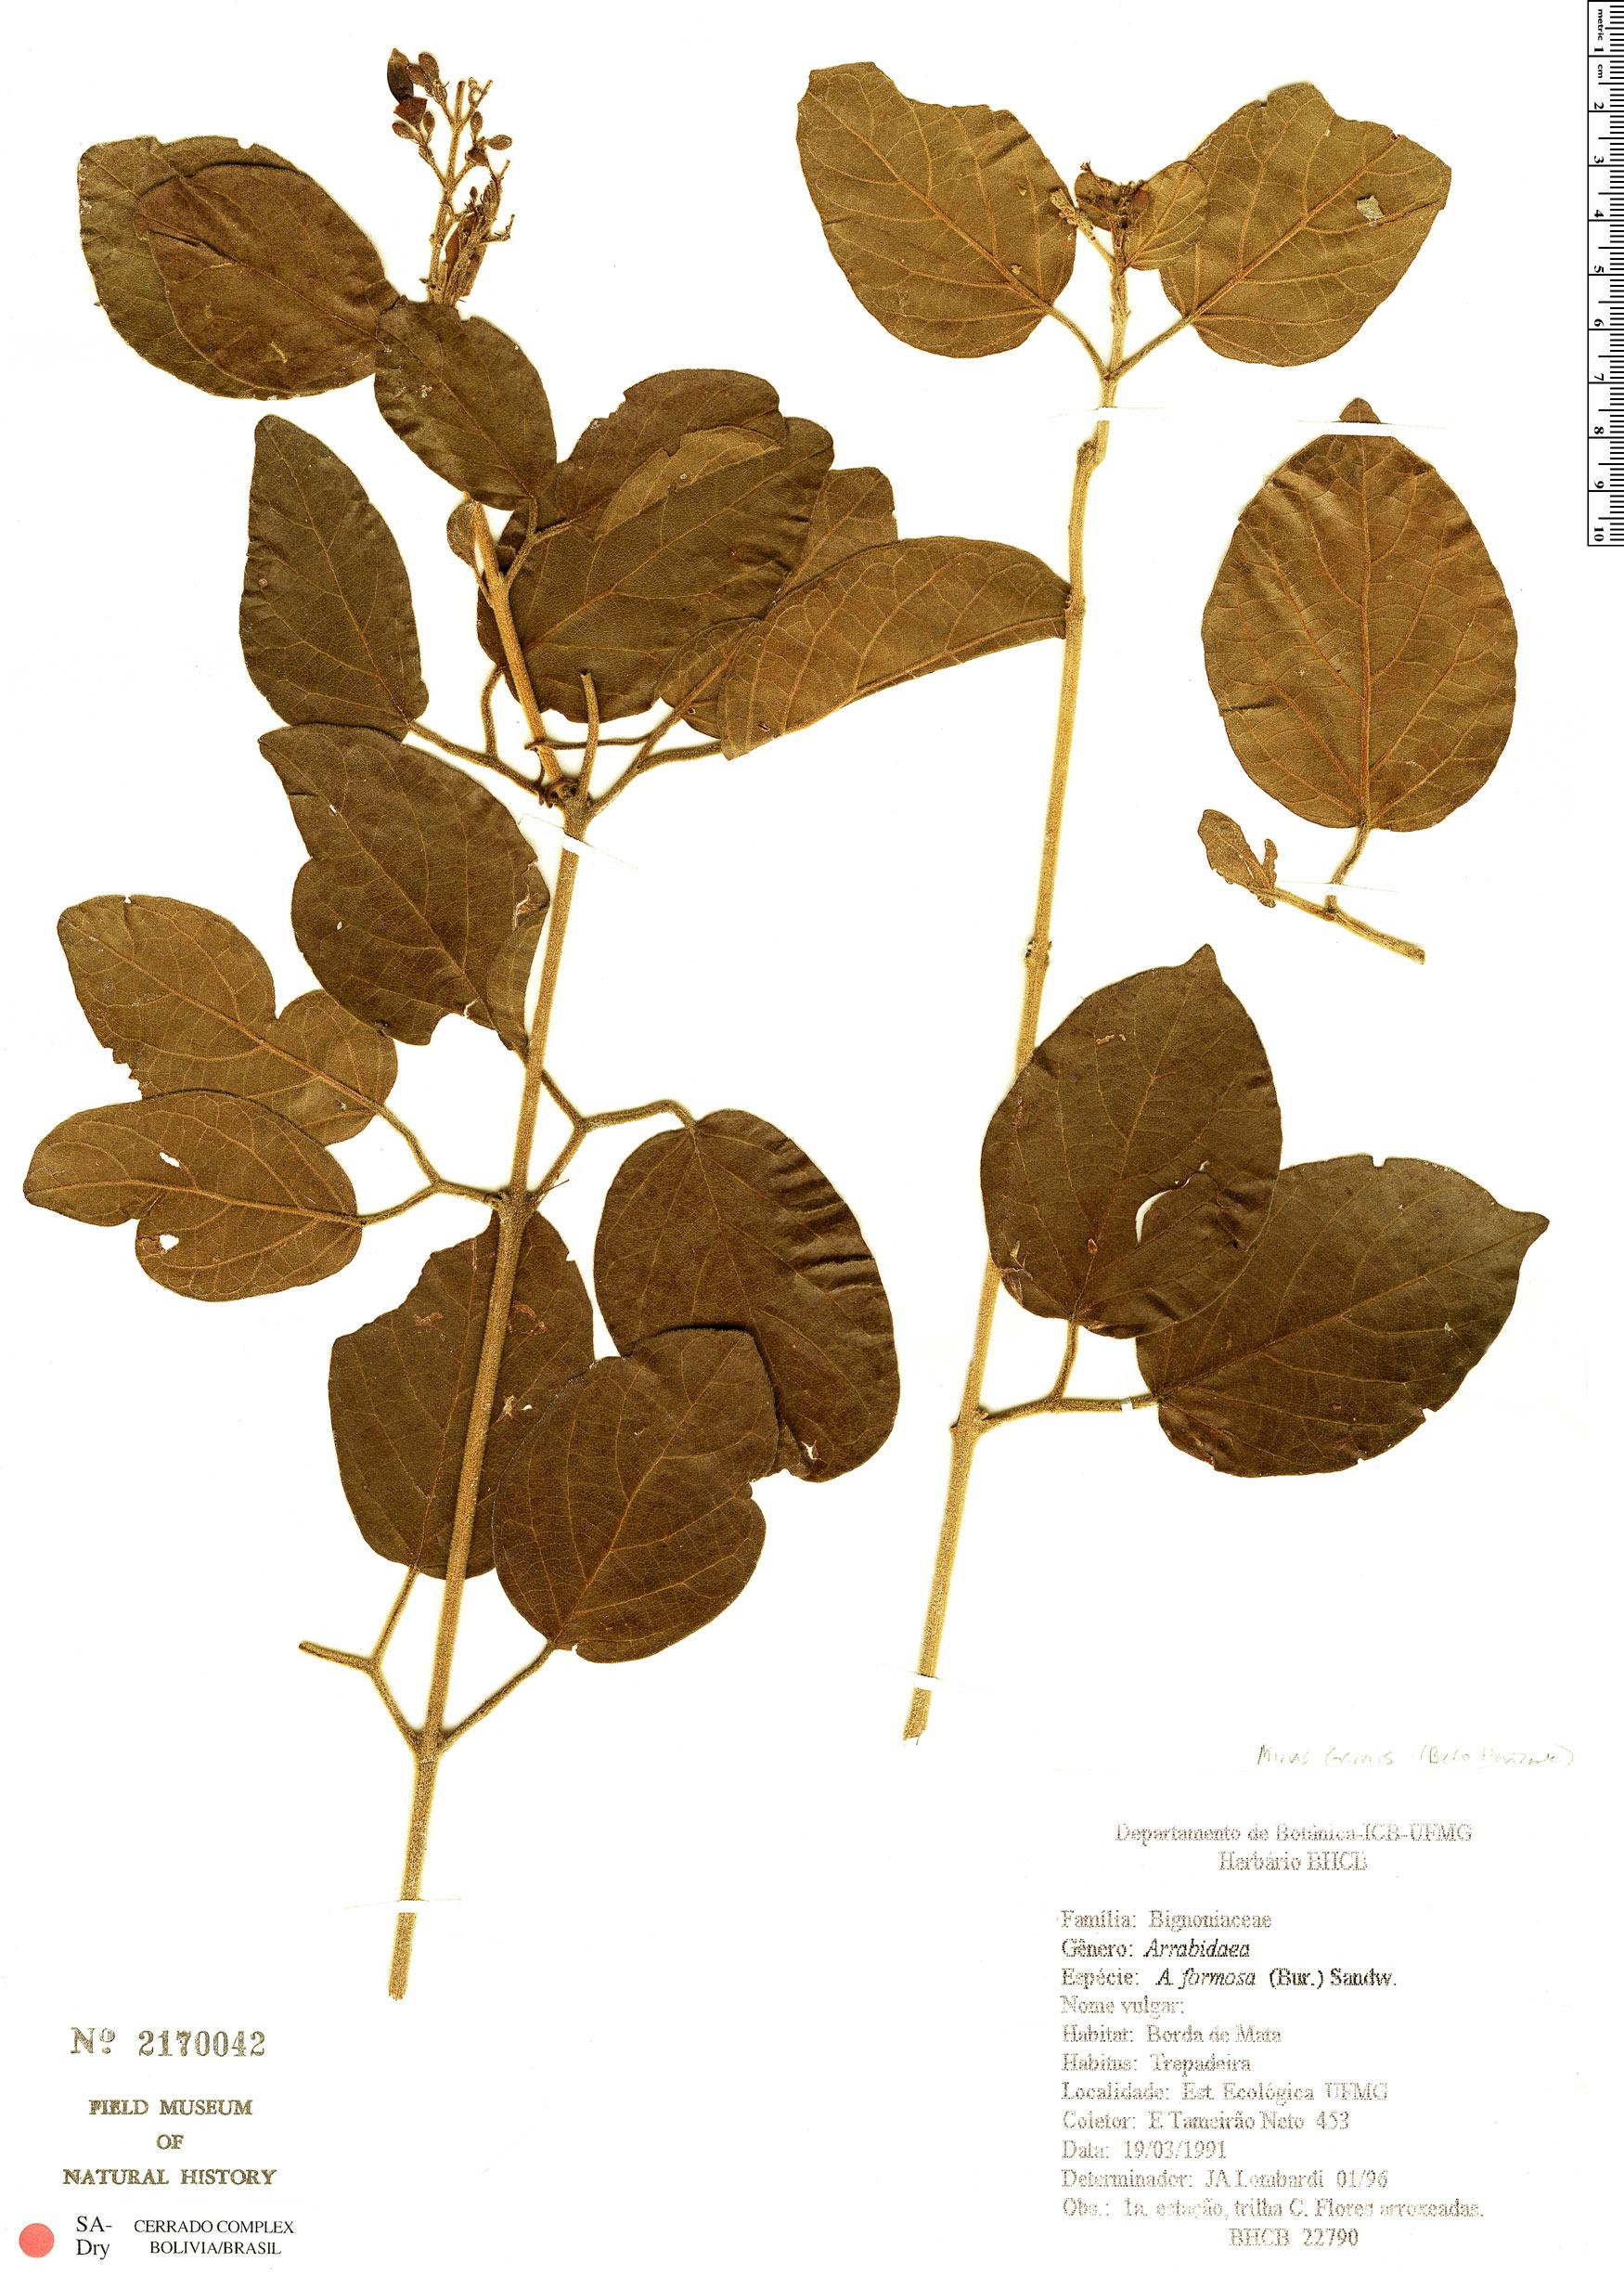 Specimen: Fridericia formosa